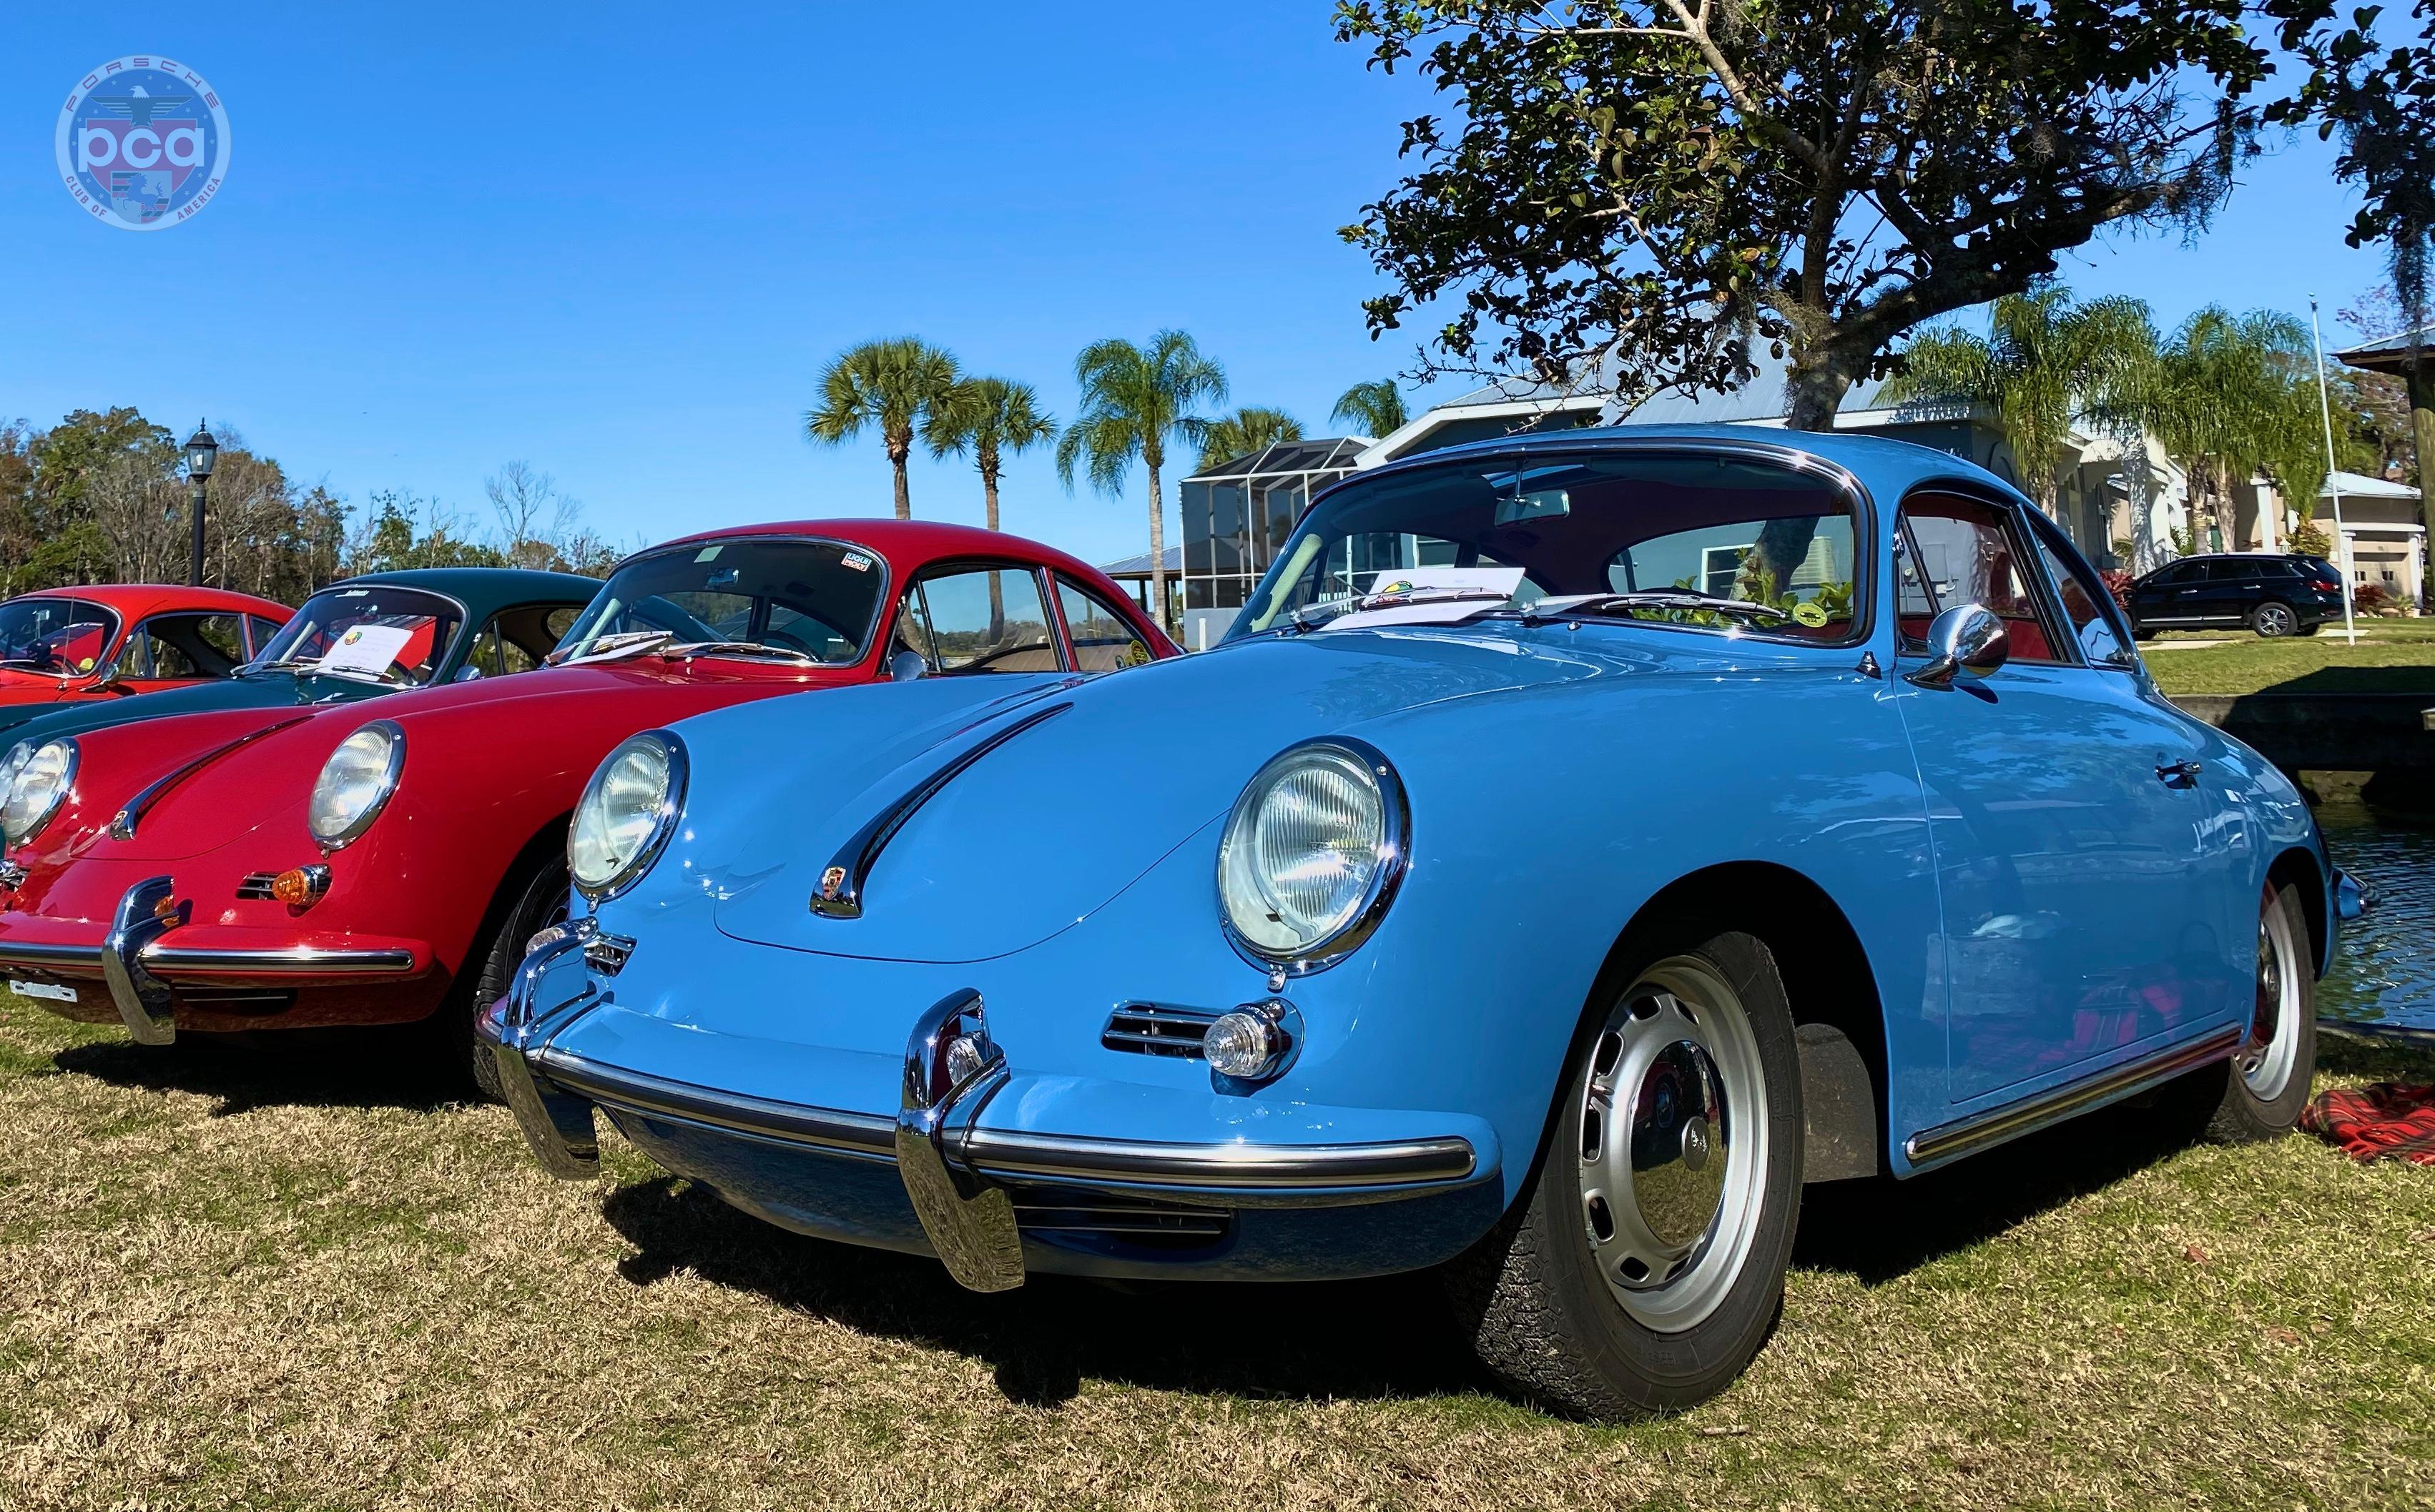 PCA Garage - Sky Blue 1964 356 Porsche